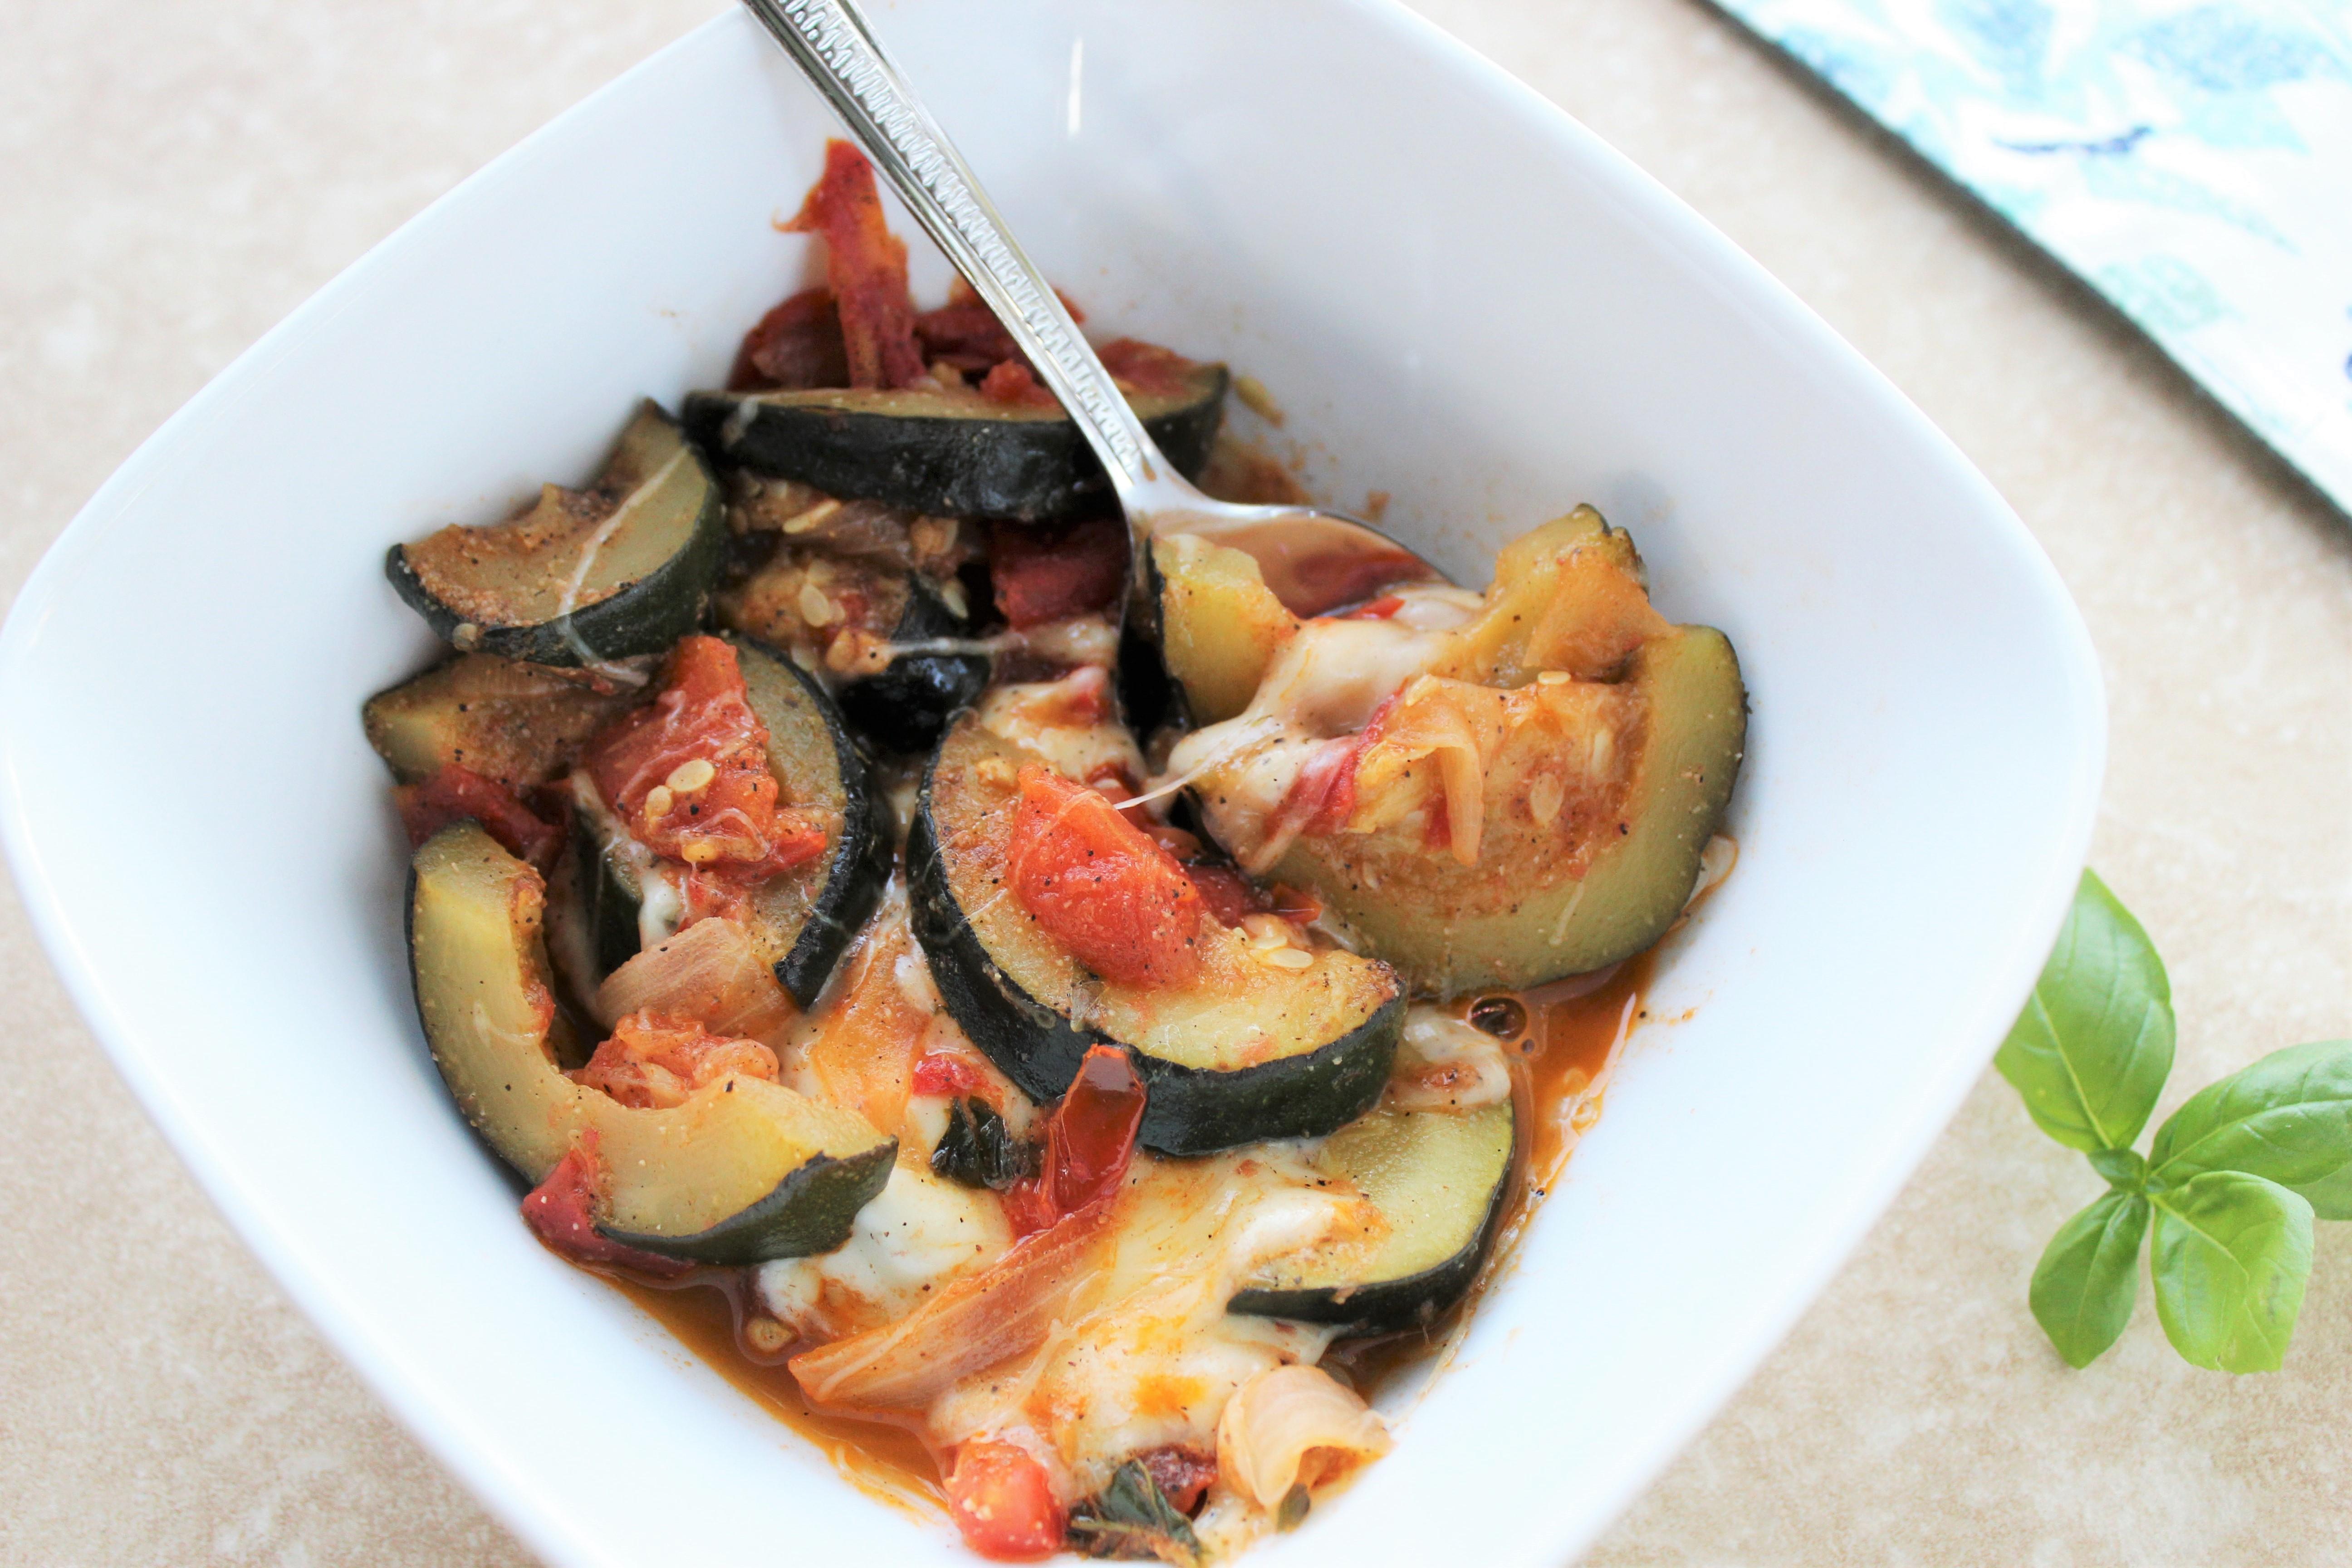 Tomato, Zucchini, and Mozzarella Bake 3